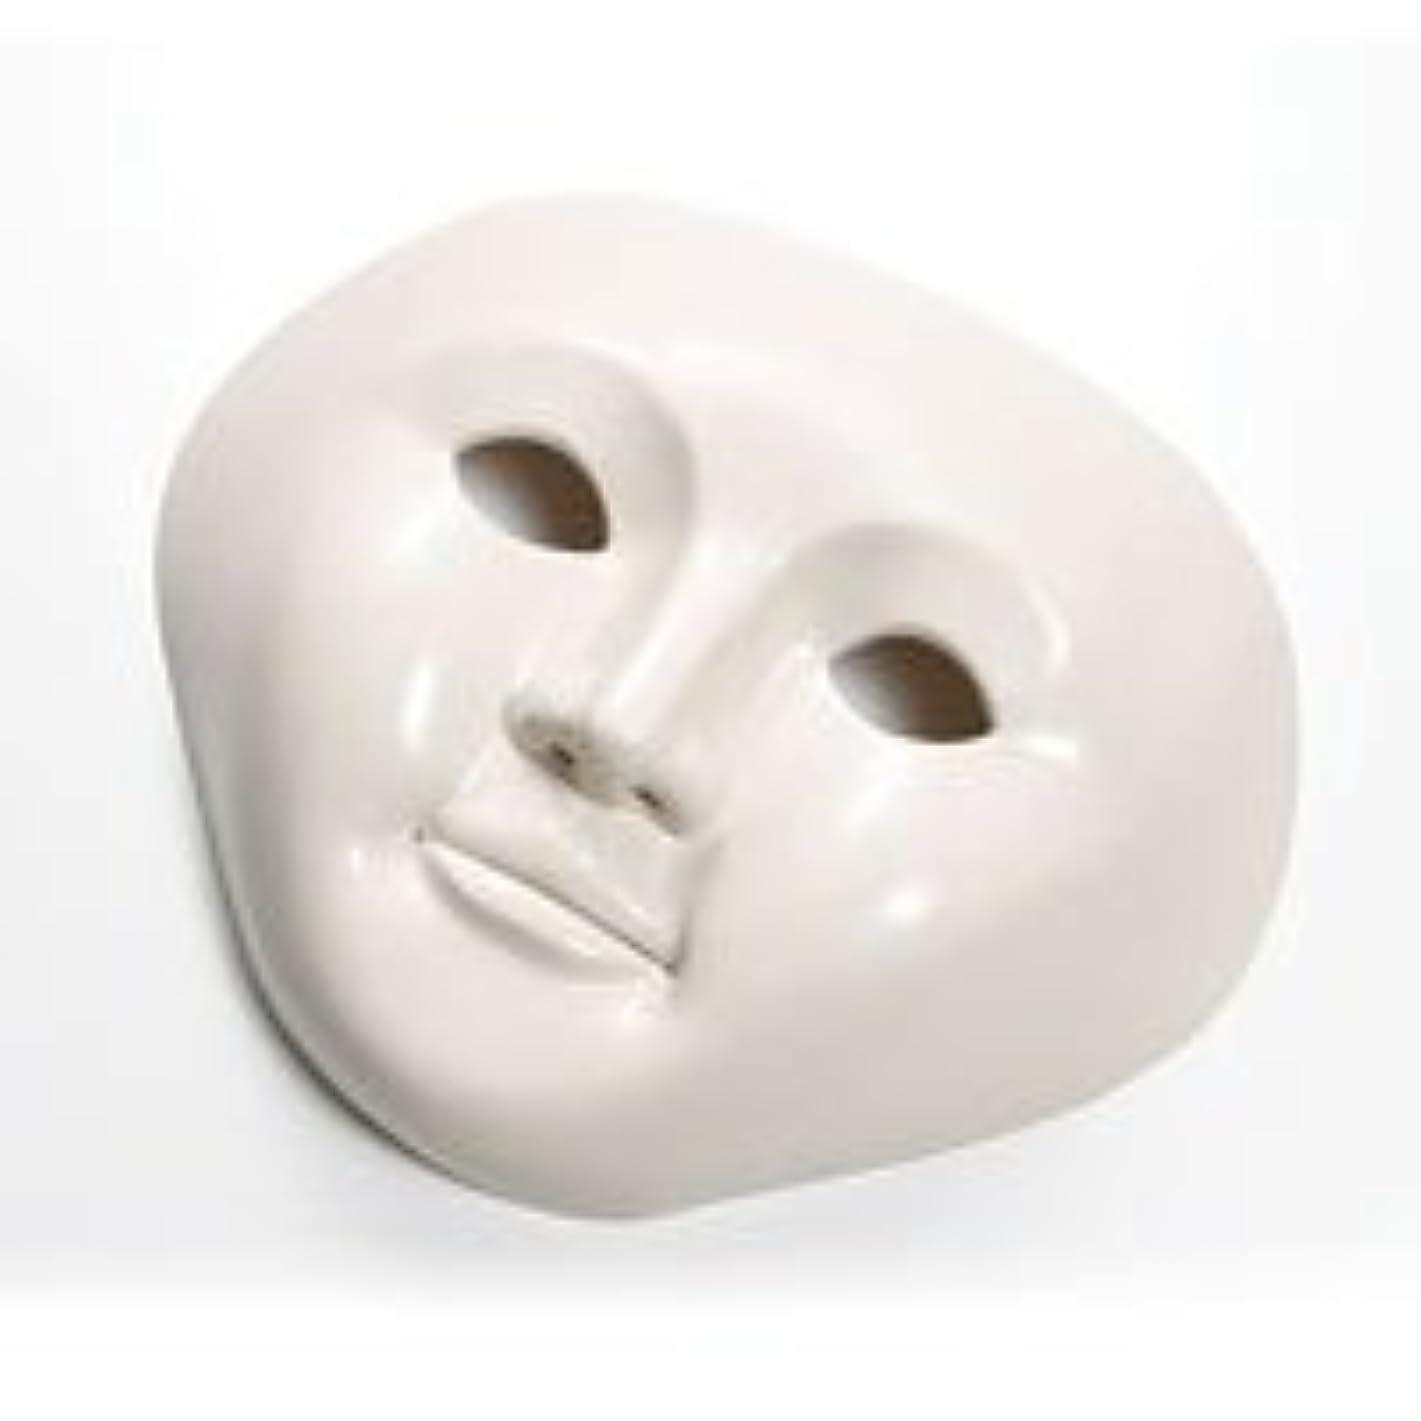 ヒゲクジラ去る世界記録のギネスブック湯の花美人 【ラジウムの美顔マスク】